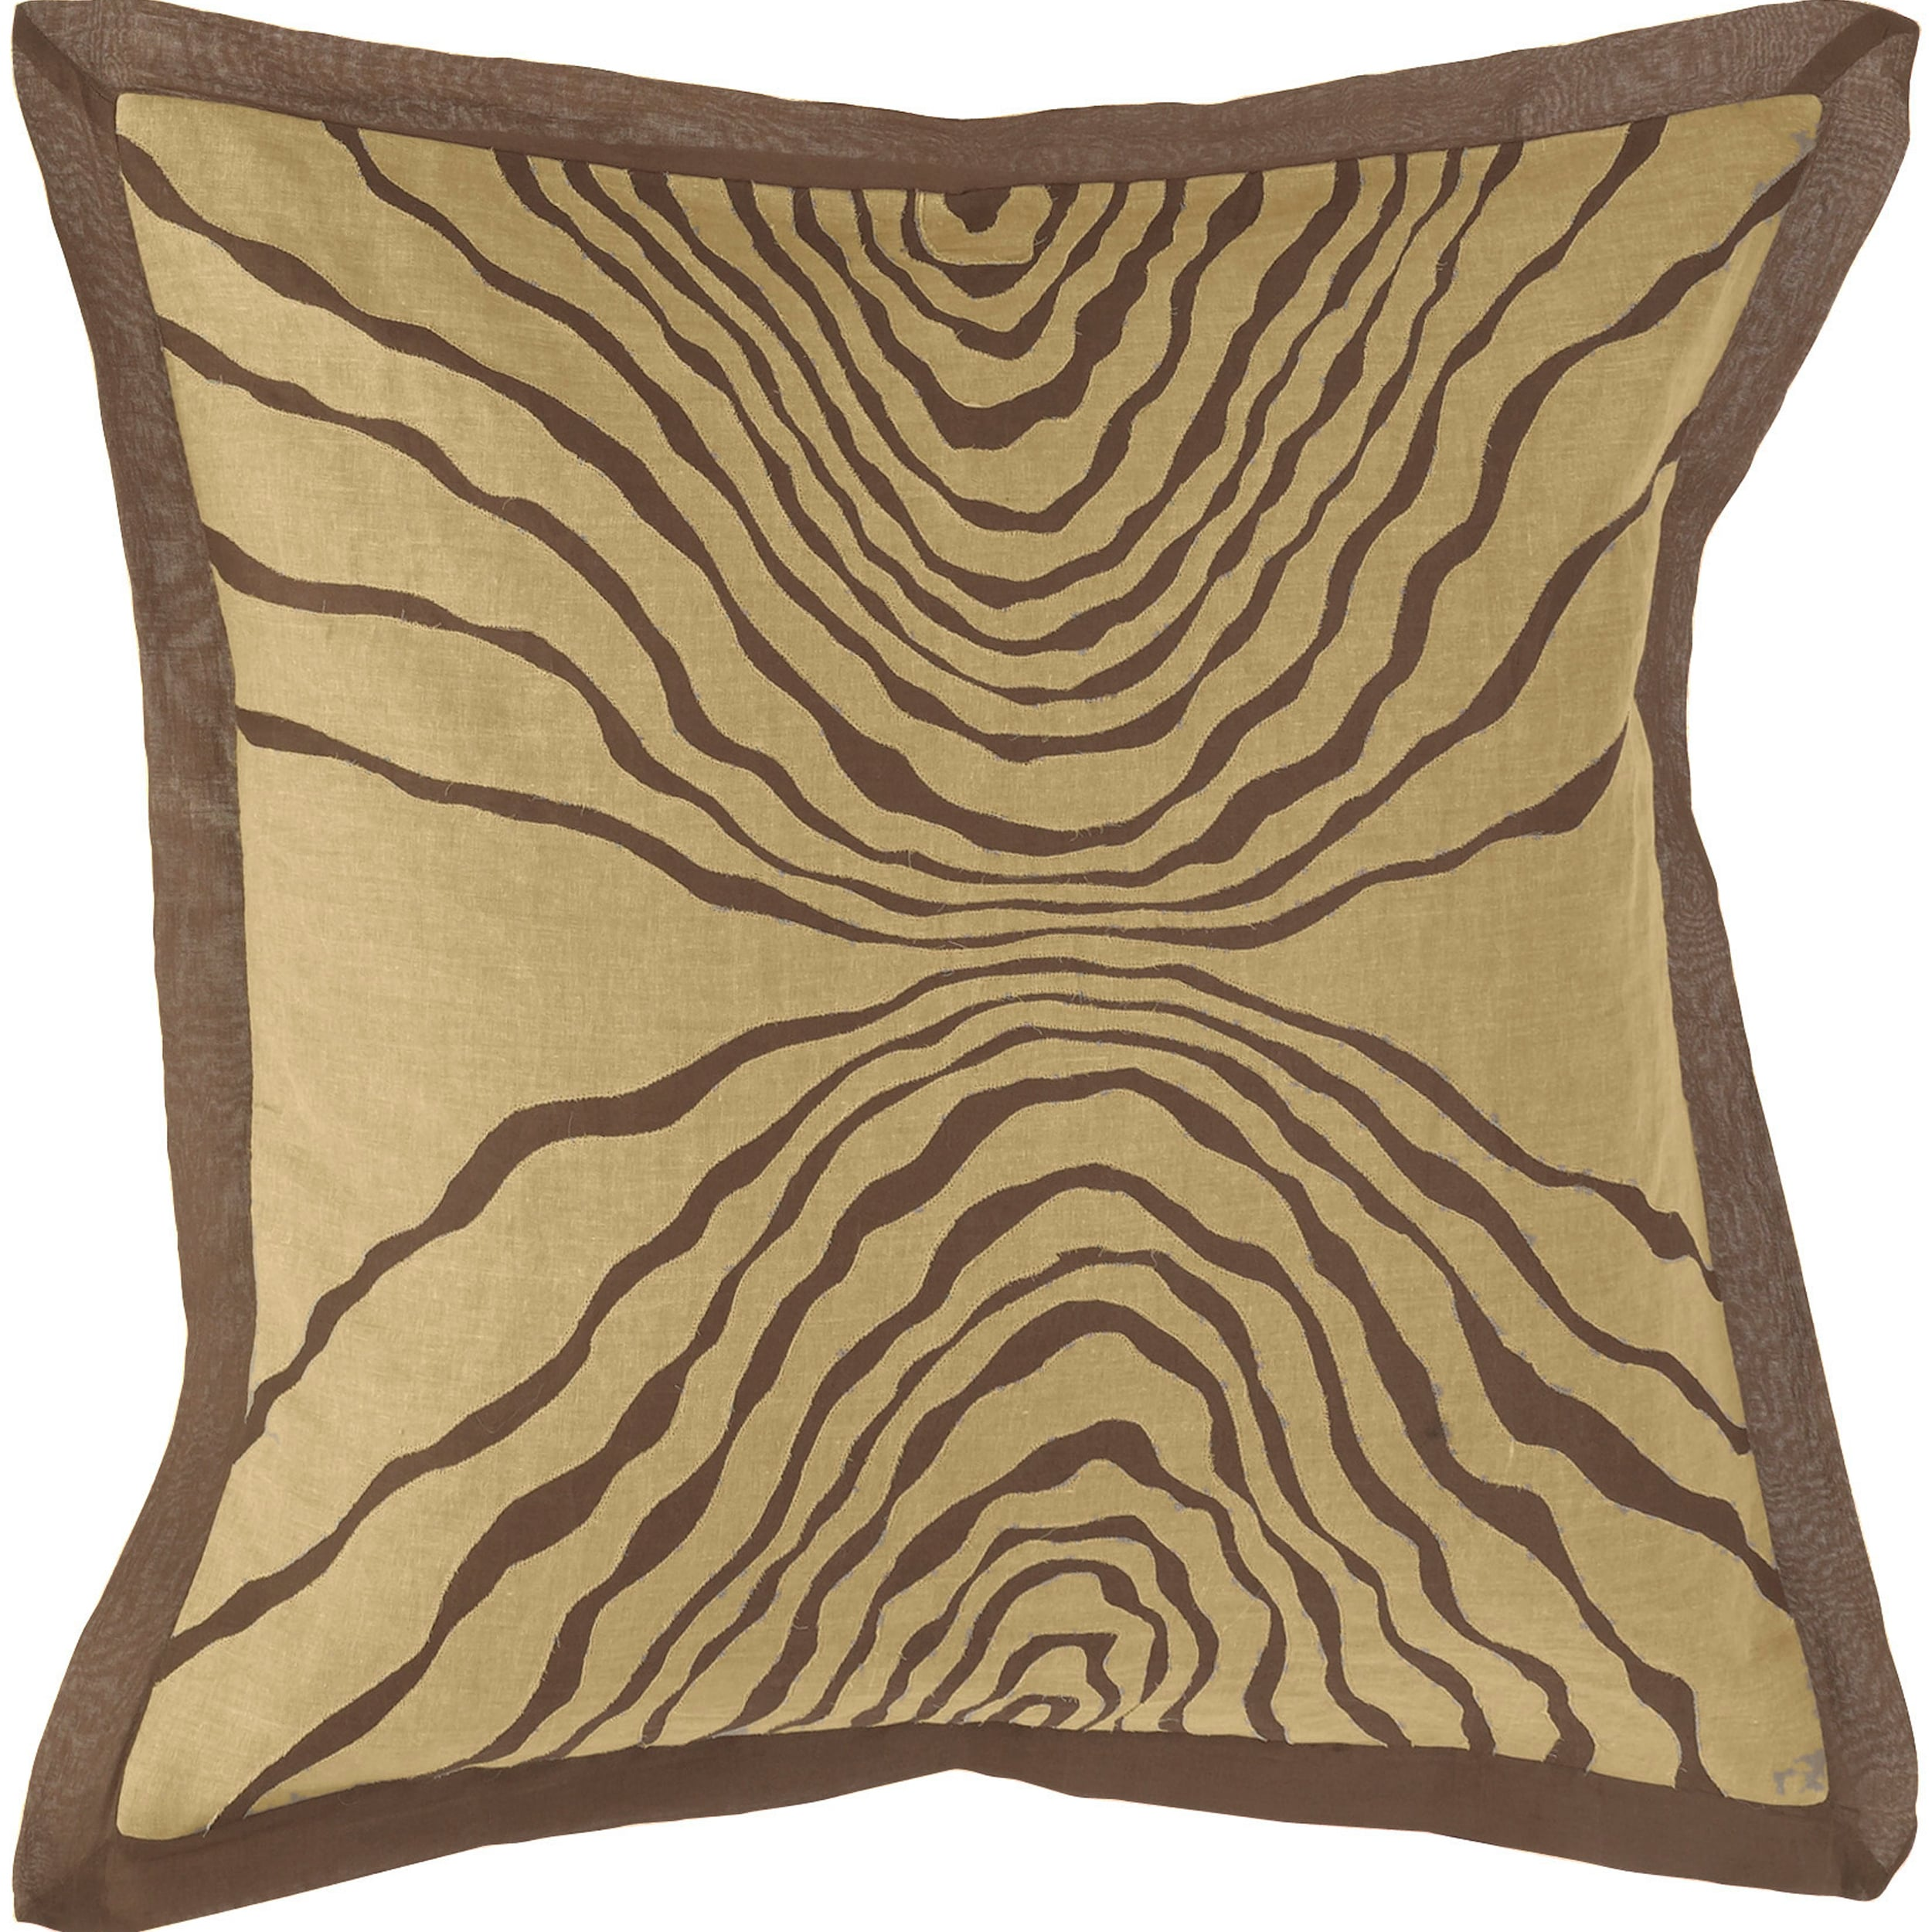 Decorative 18x18 Cartago Pillow